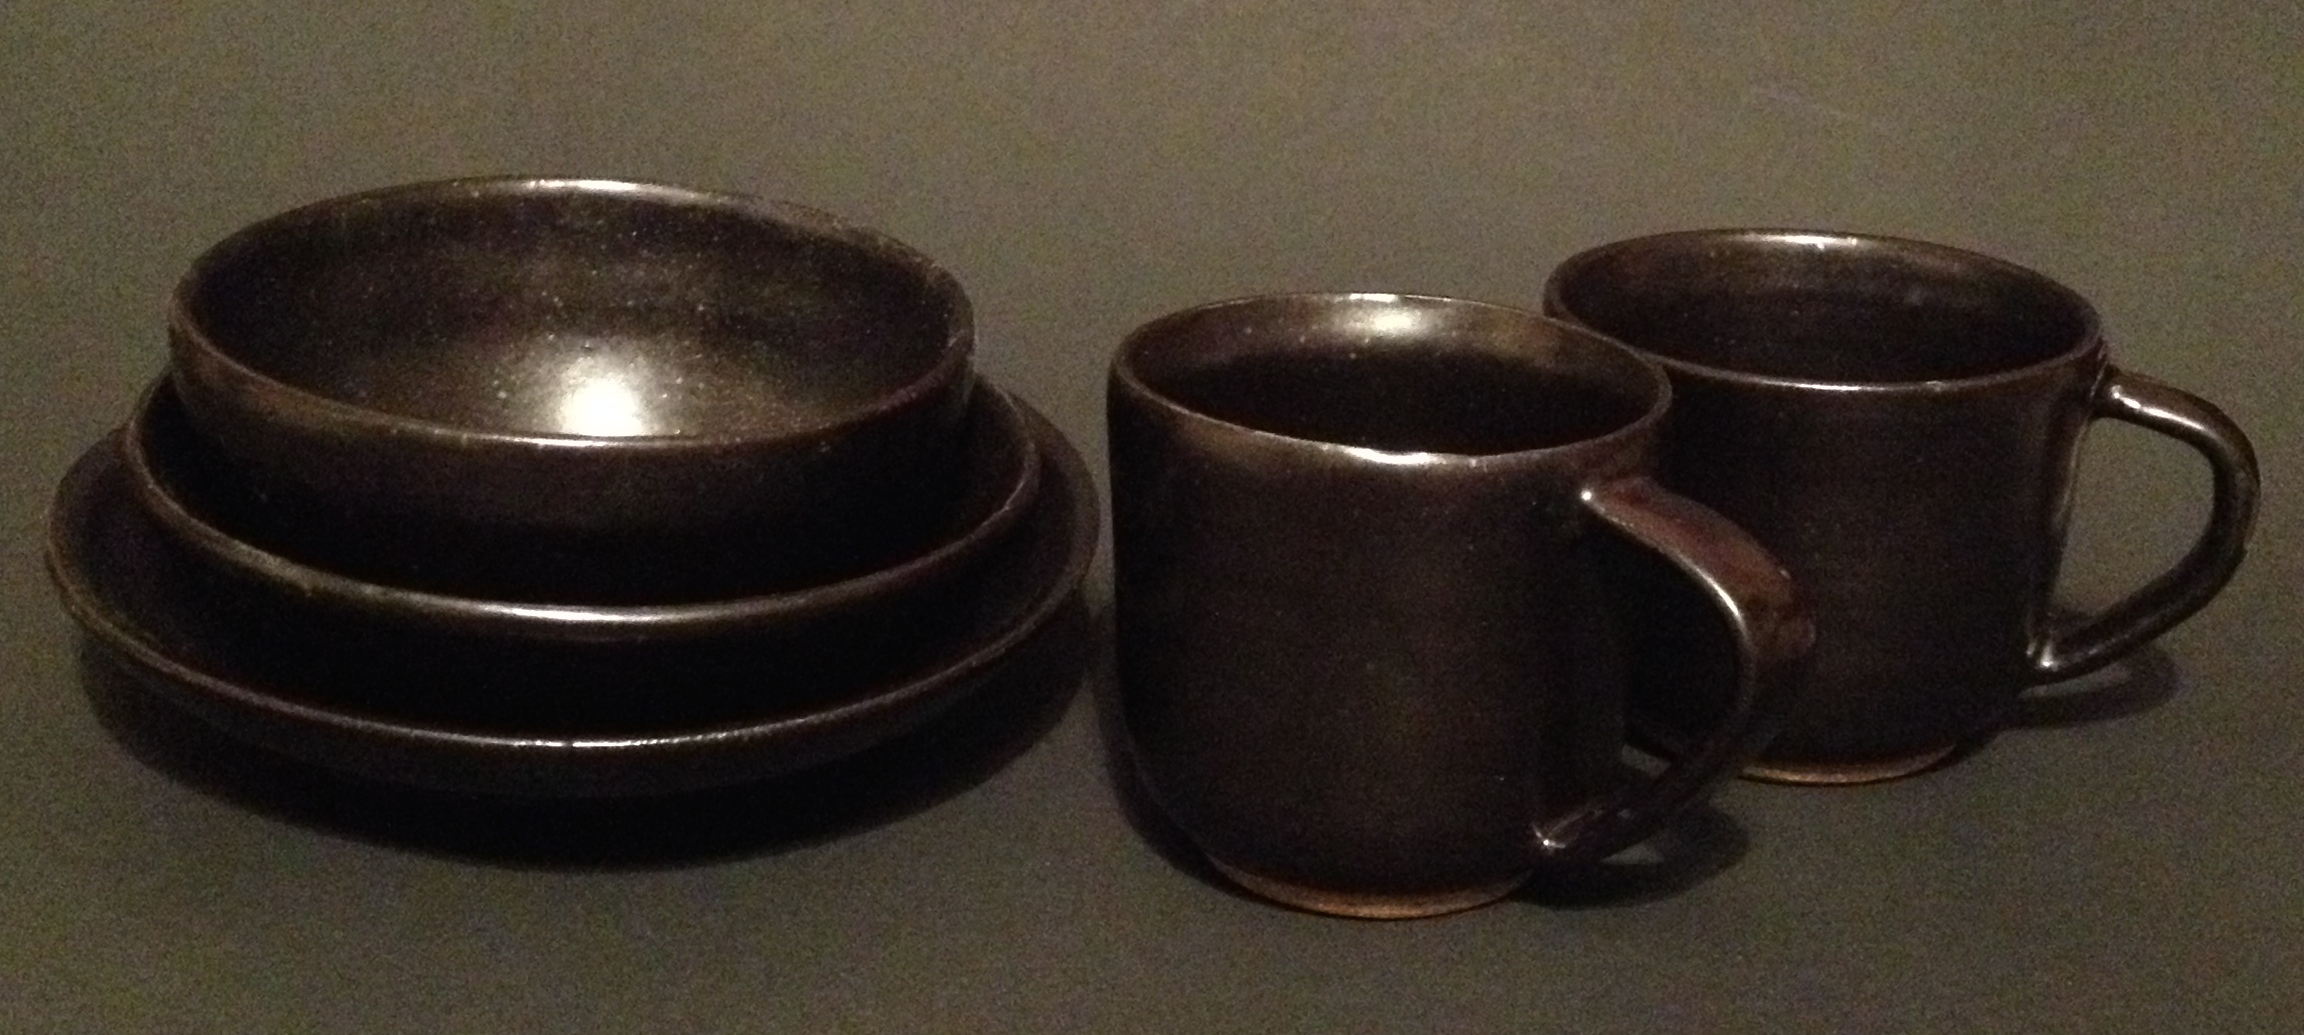 Bowls and Mugs